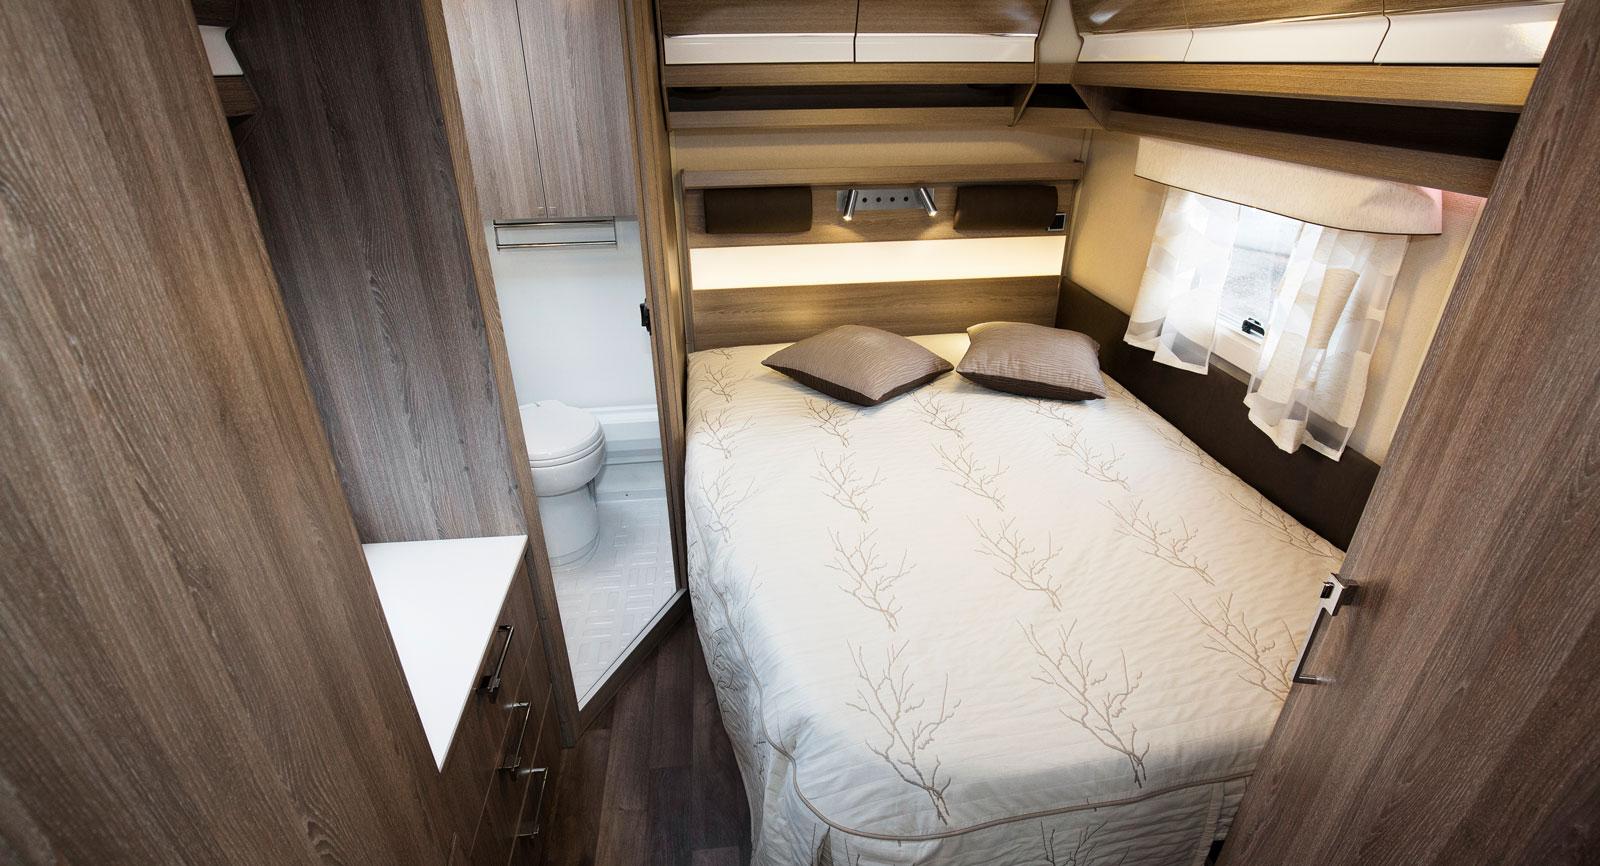 Sovrum. Förutsättningarna är goda för att sova gott här. Däremot smalnar sängen av lite väl tidigt i fotänden vilket är synd.